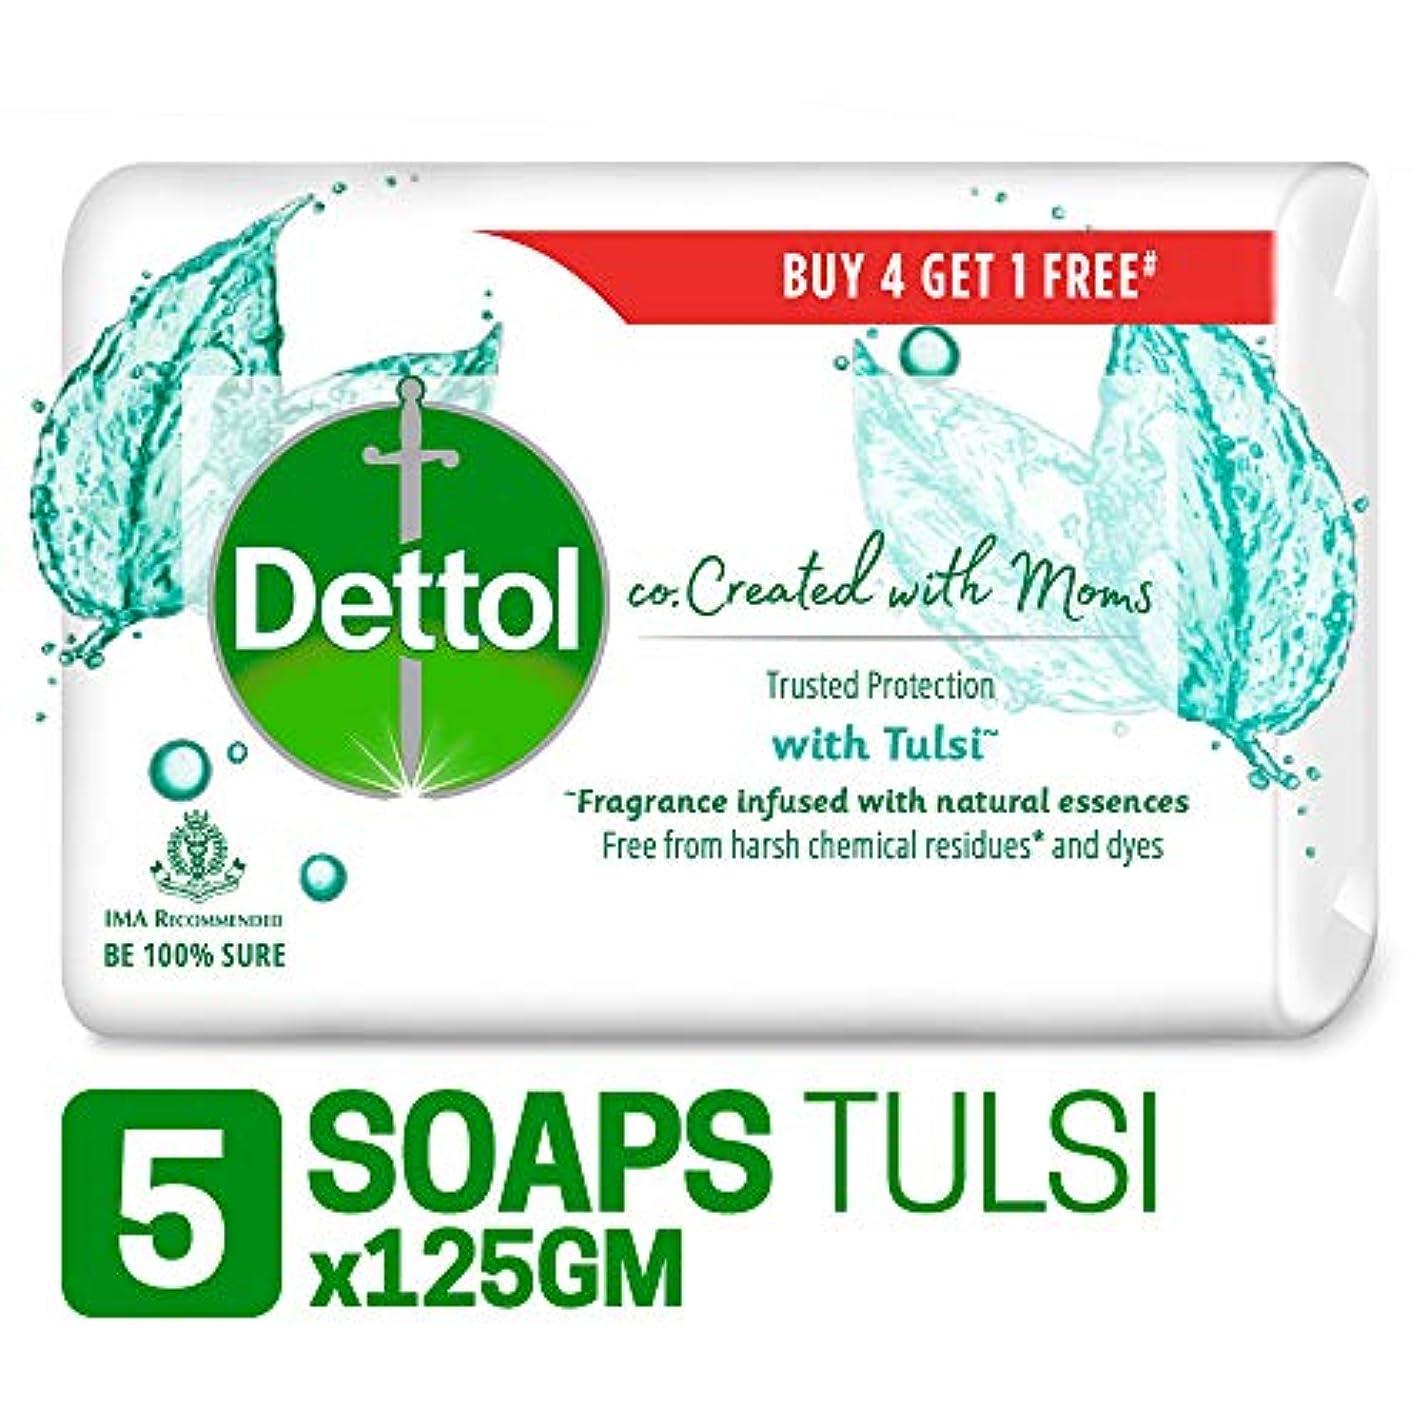 職業ジャニス迫害するDettol Co-created with moms Tulsi Bathing Soap, 125gm (Buy 4 Get 1 Free)